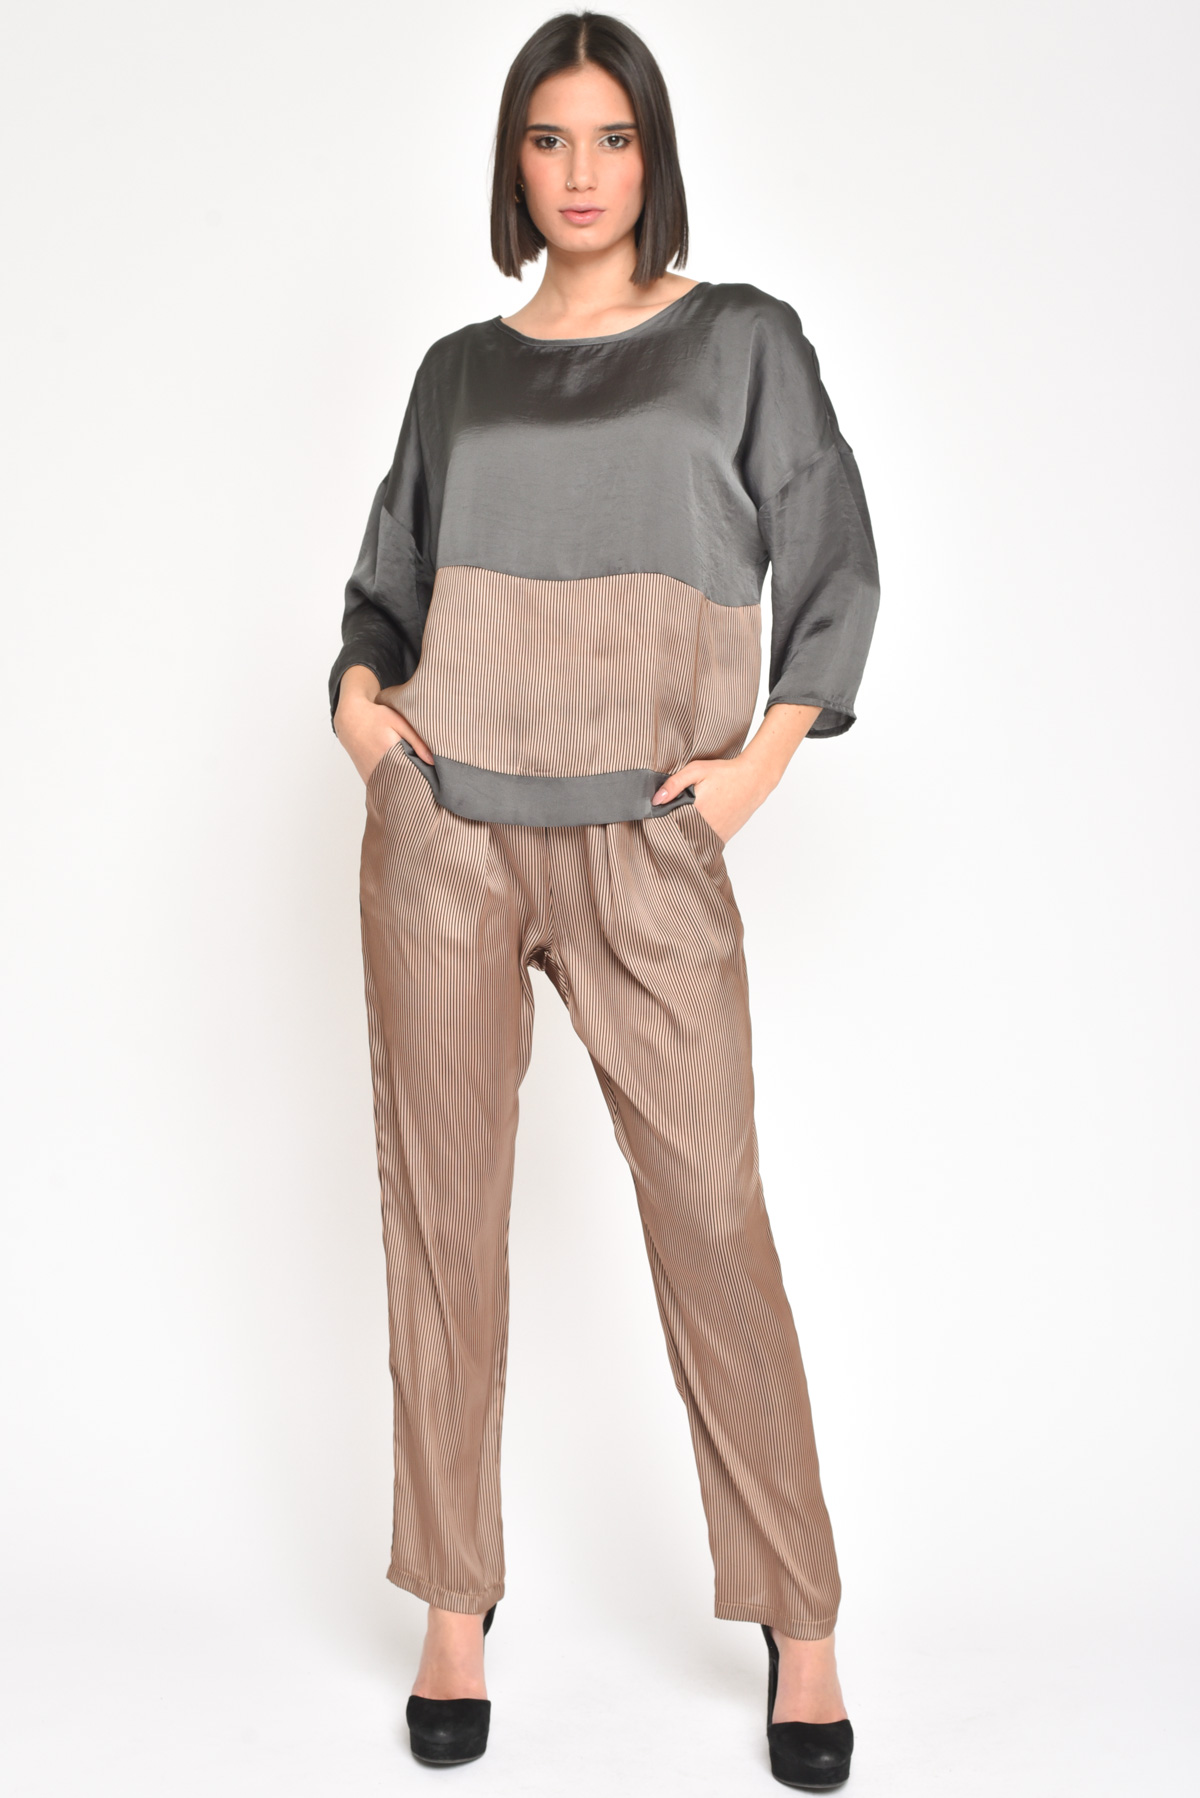 PANTALONE IN RASO A RIGHE da donna -  - Paquito Pronto Moda Shop Online